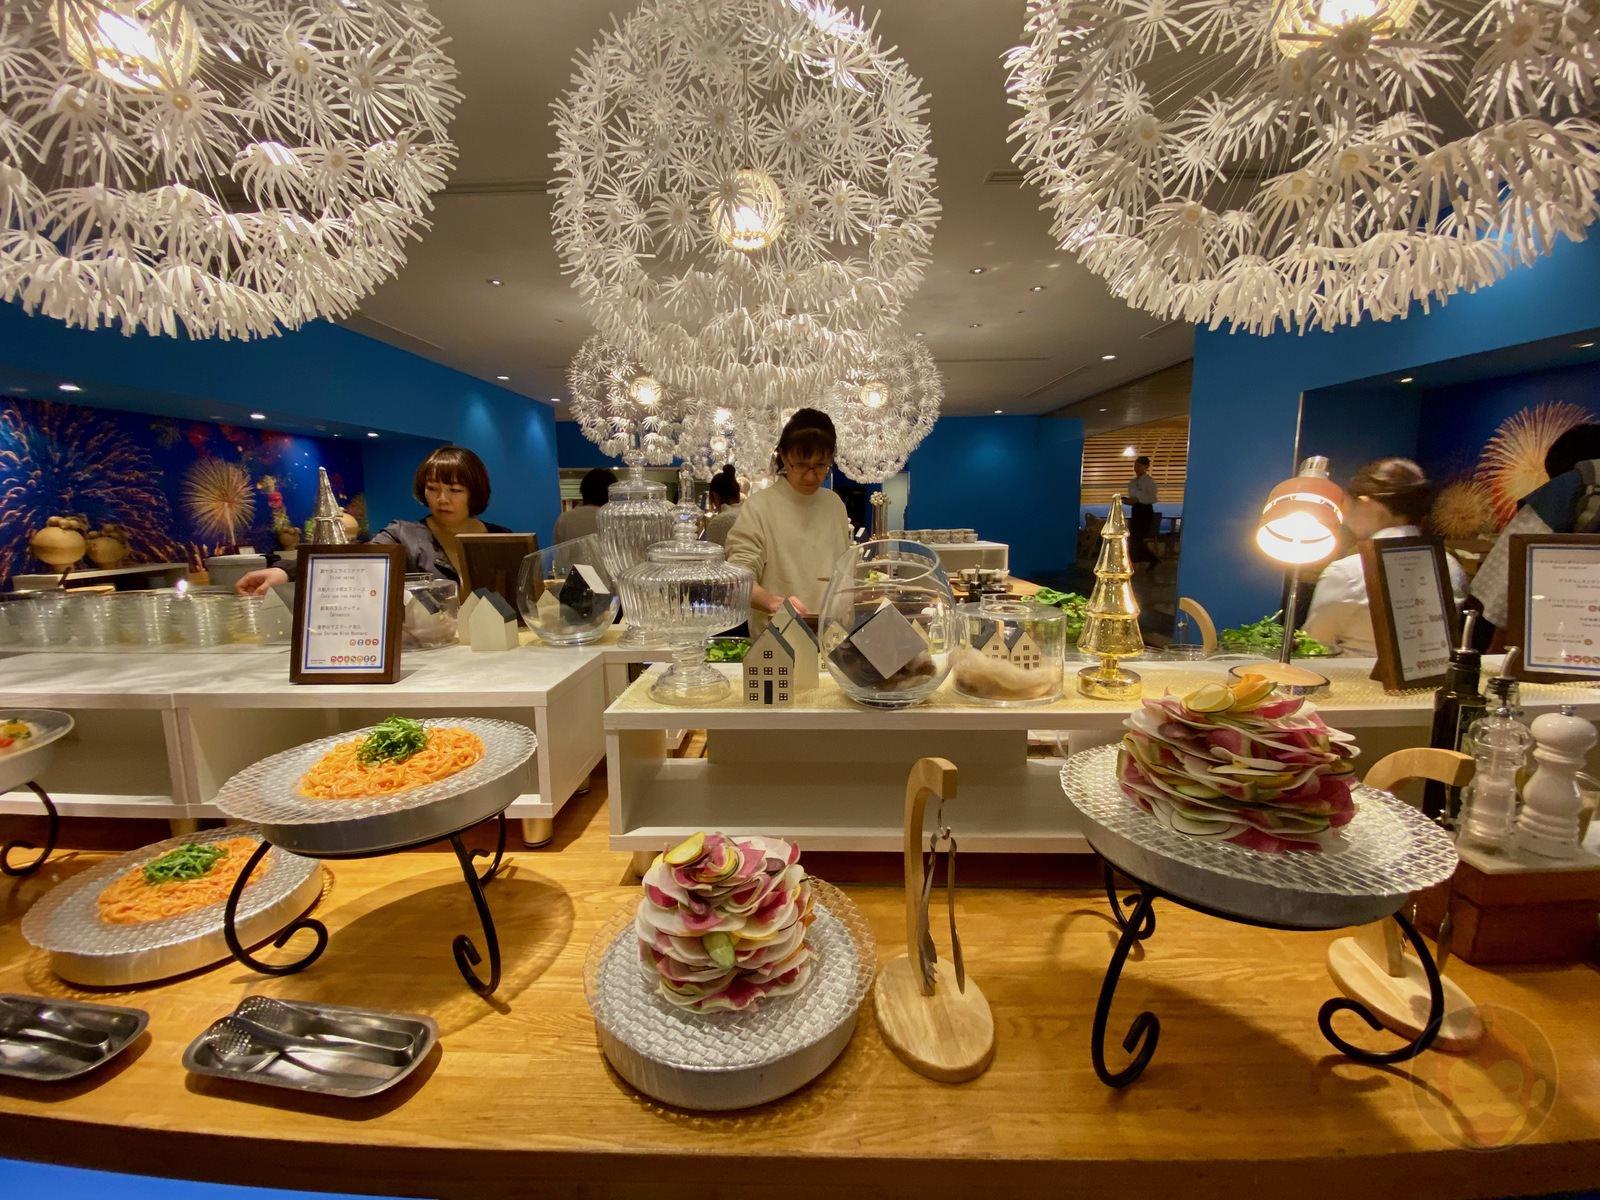 Hoshino Resonale Atami Dinner Buffet 12